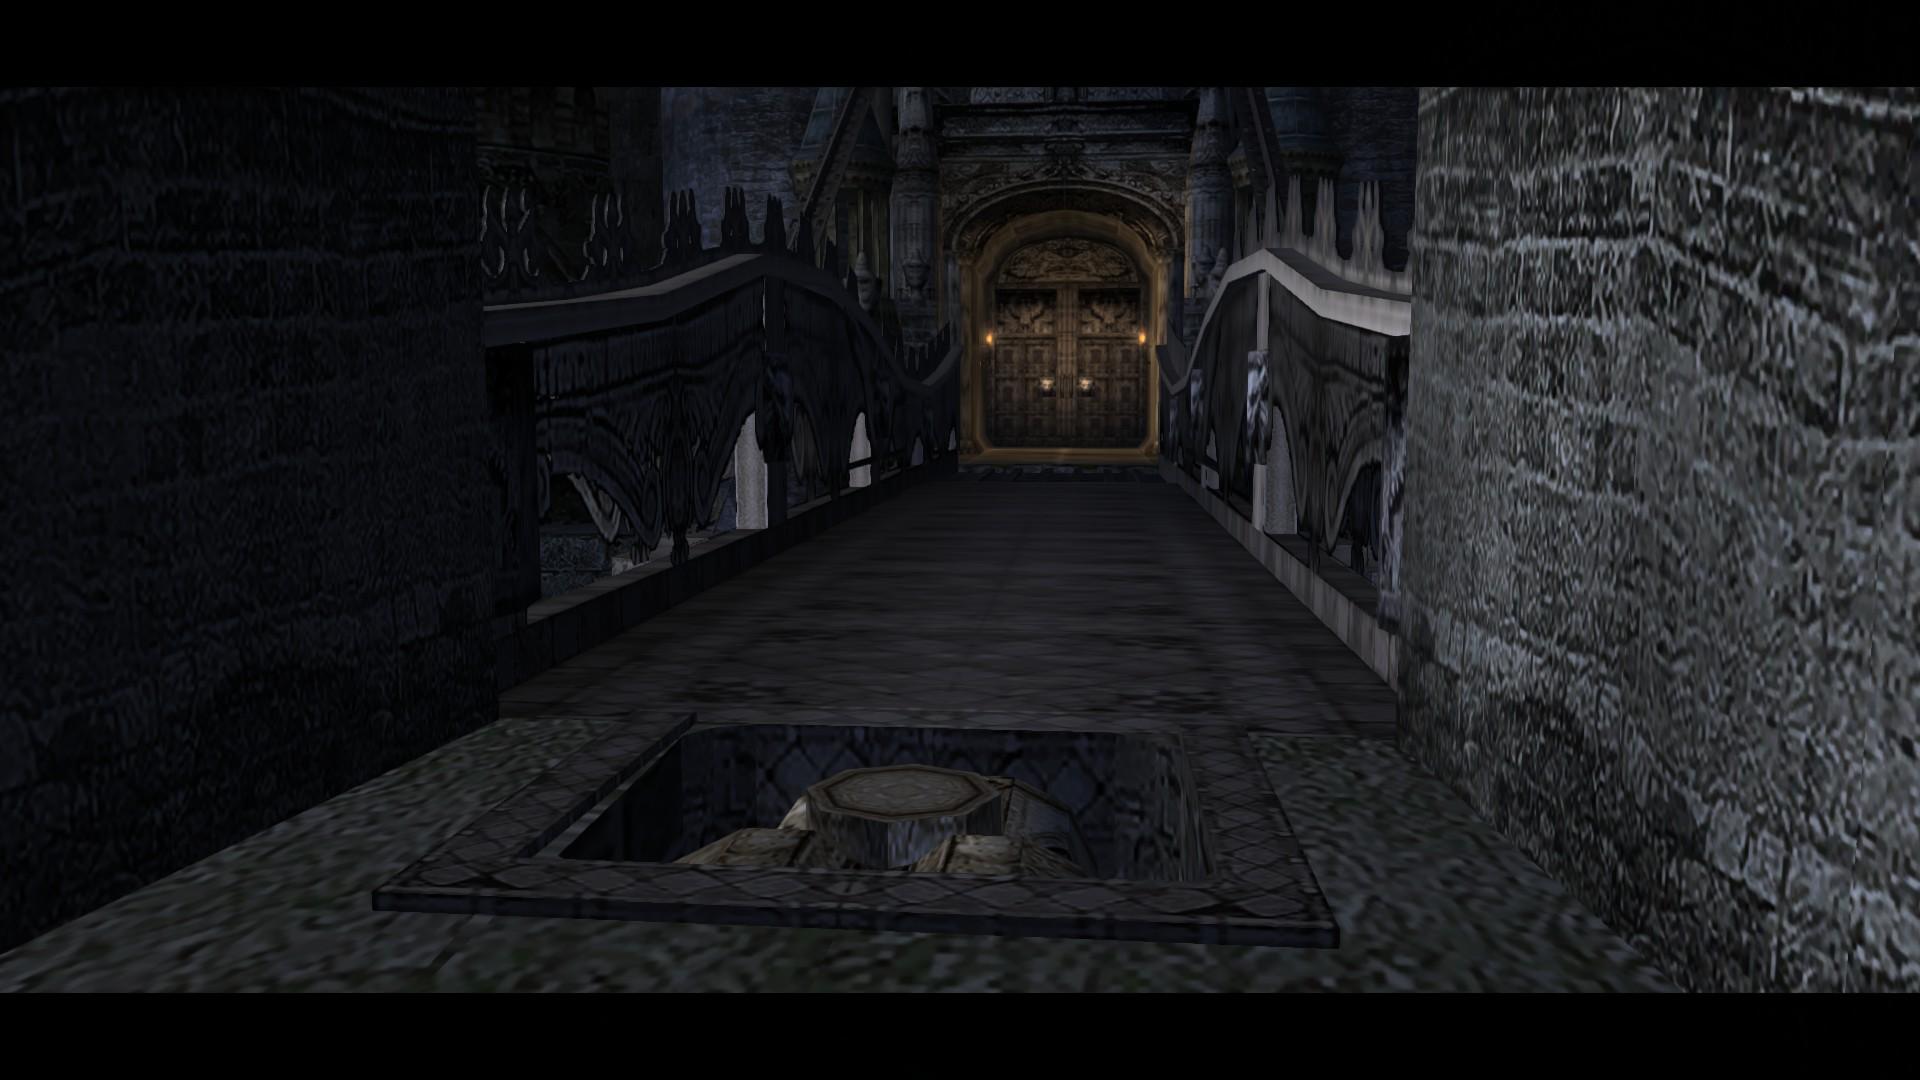 Пост-прохождение Devil May Cry Часть 6. - Изображение 12